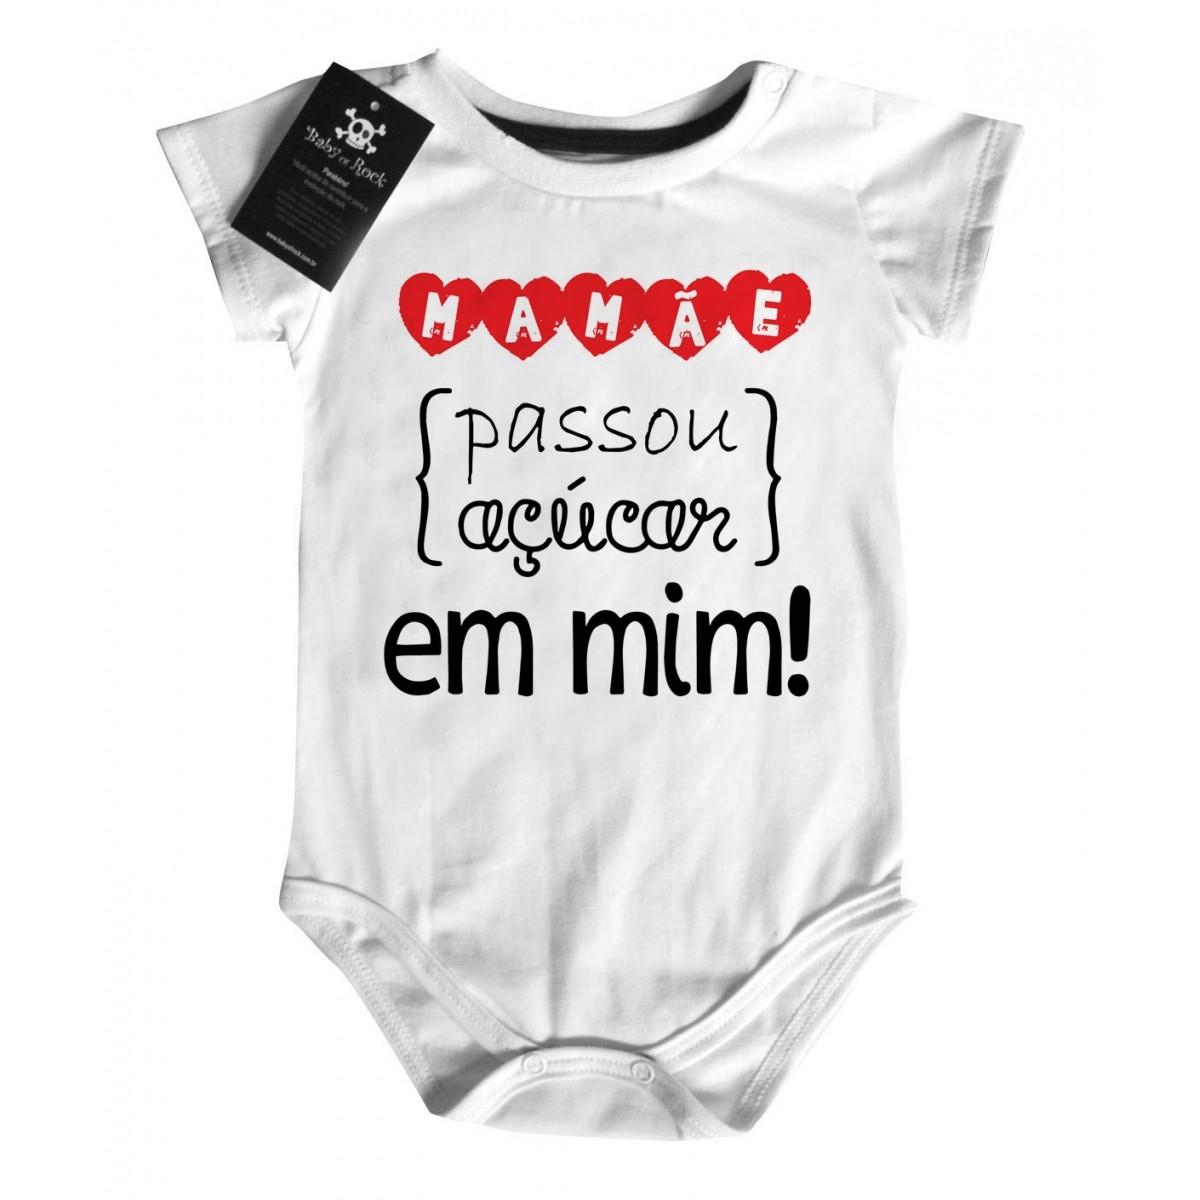 1f9425c08a3e Body Divertido Criativo Bebe - Mamãe Passou Açúcar em Mim - White - Baby  Monster ...